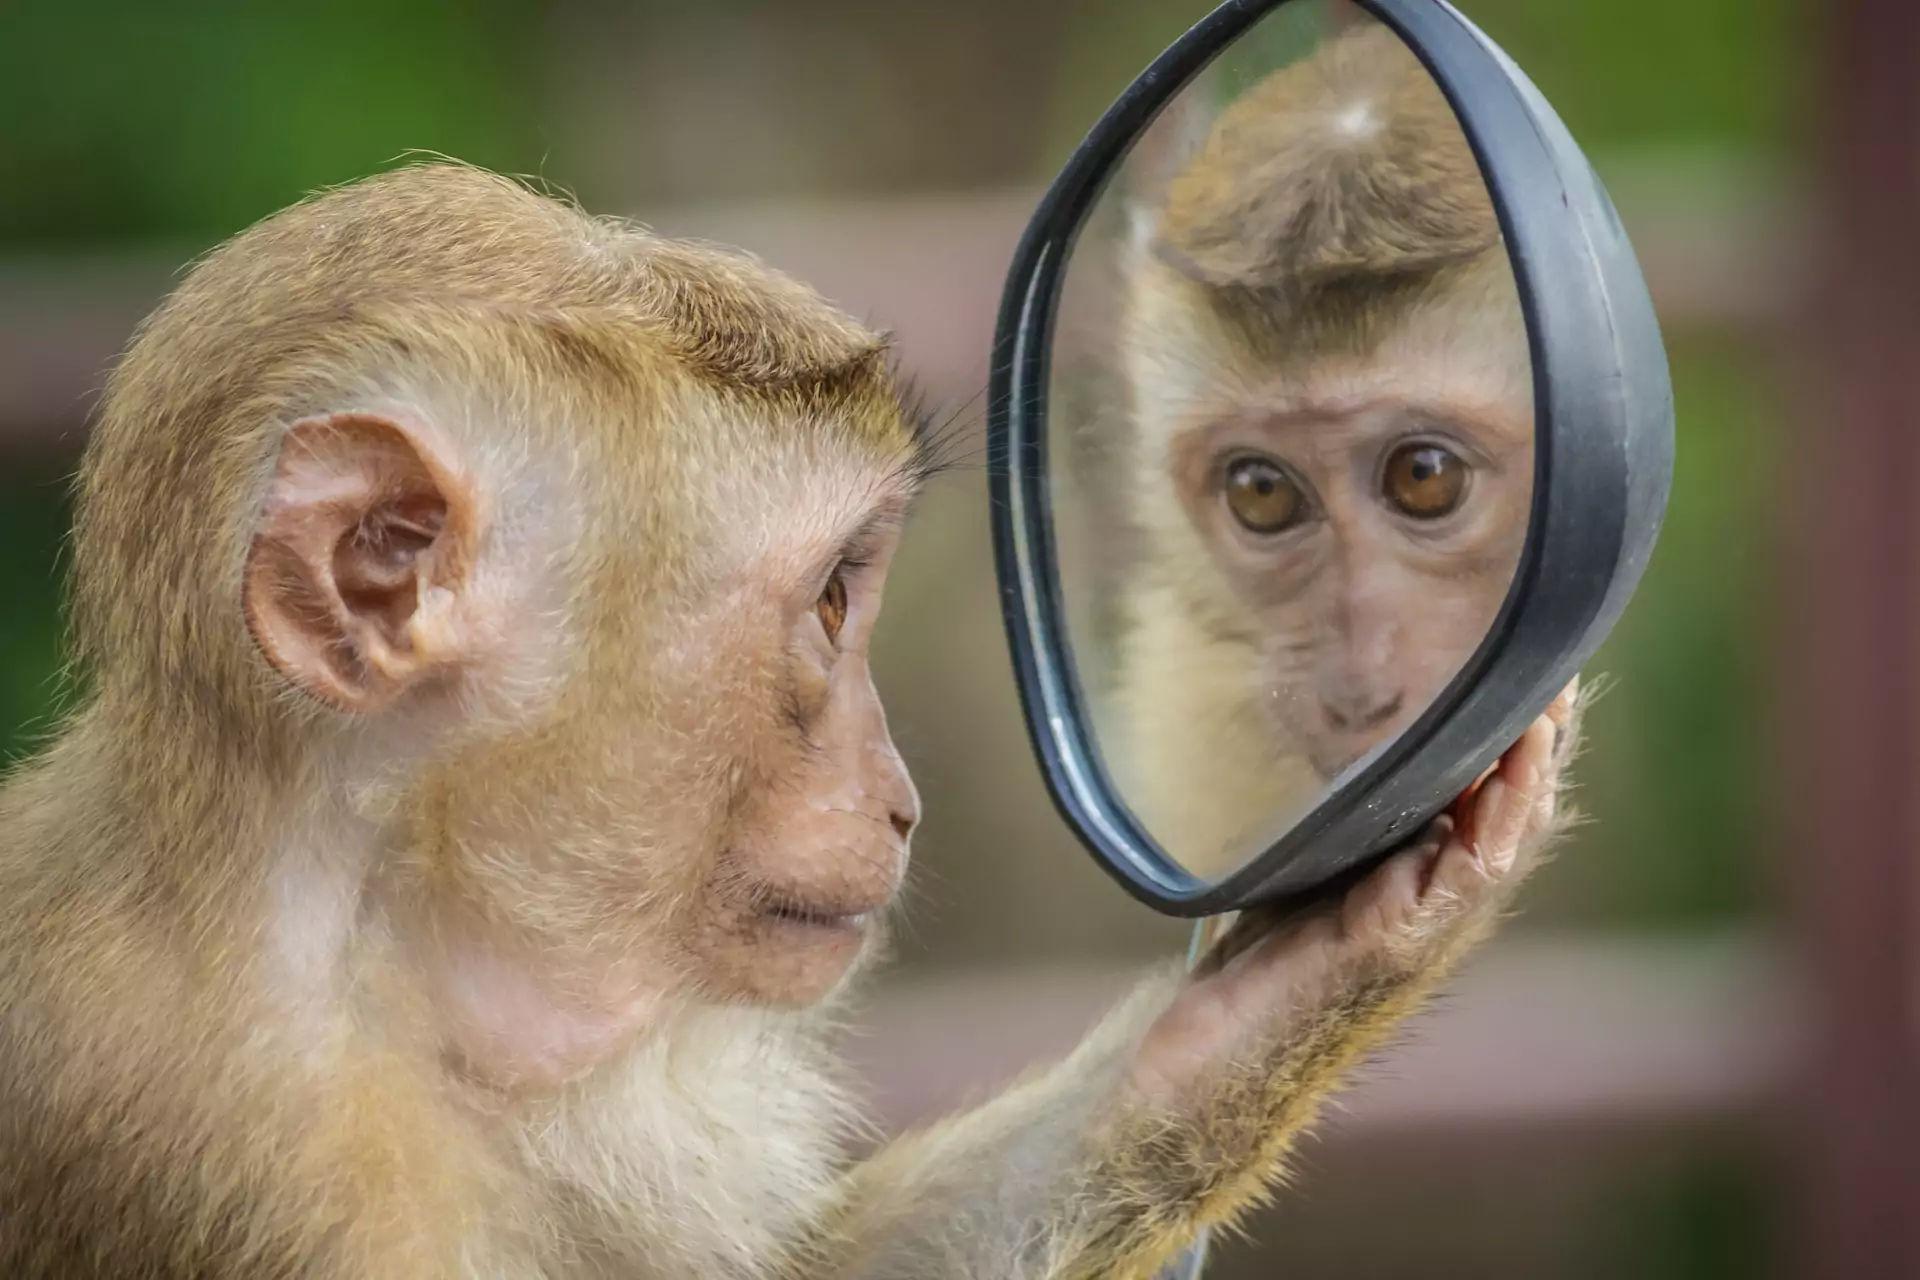 Berlatih di depan cermin untuk public speaking